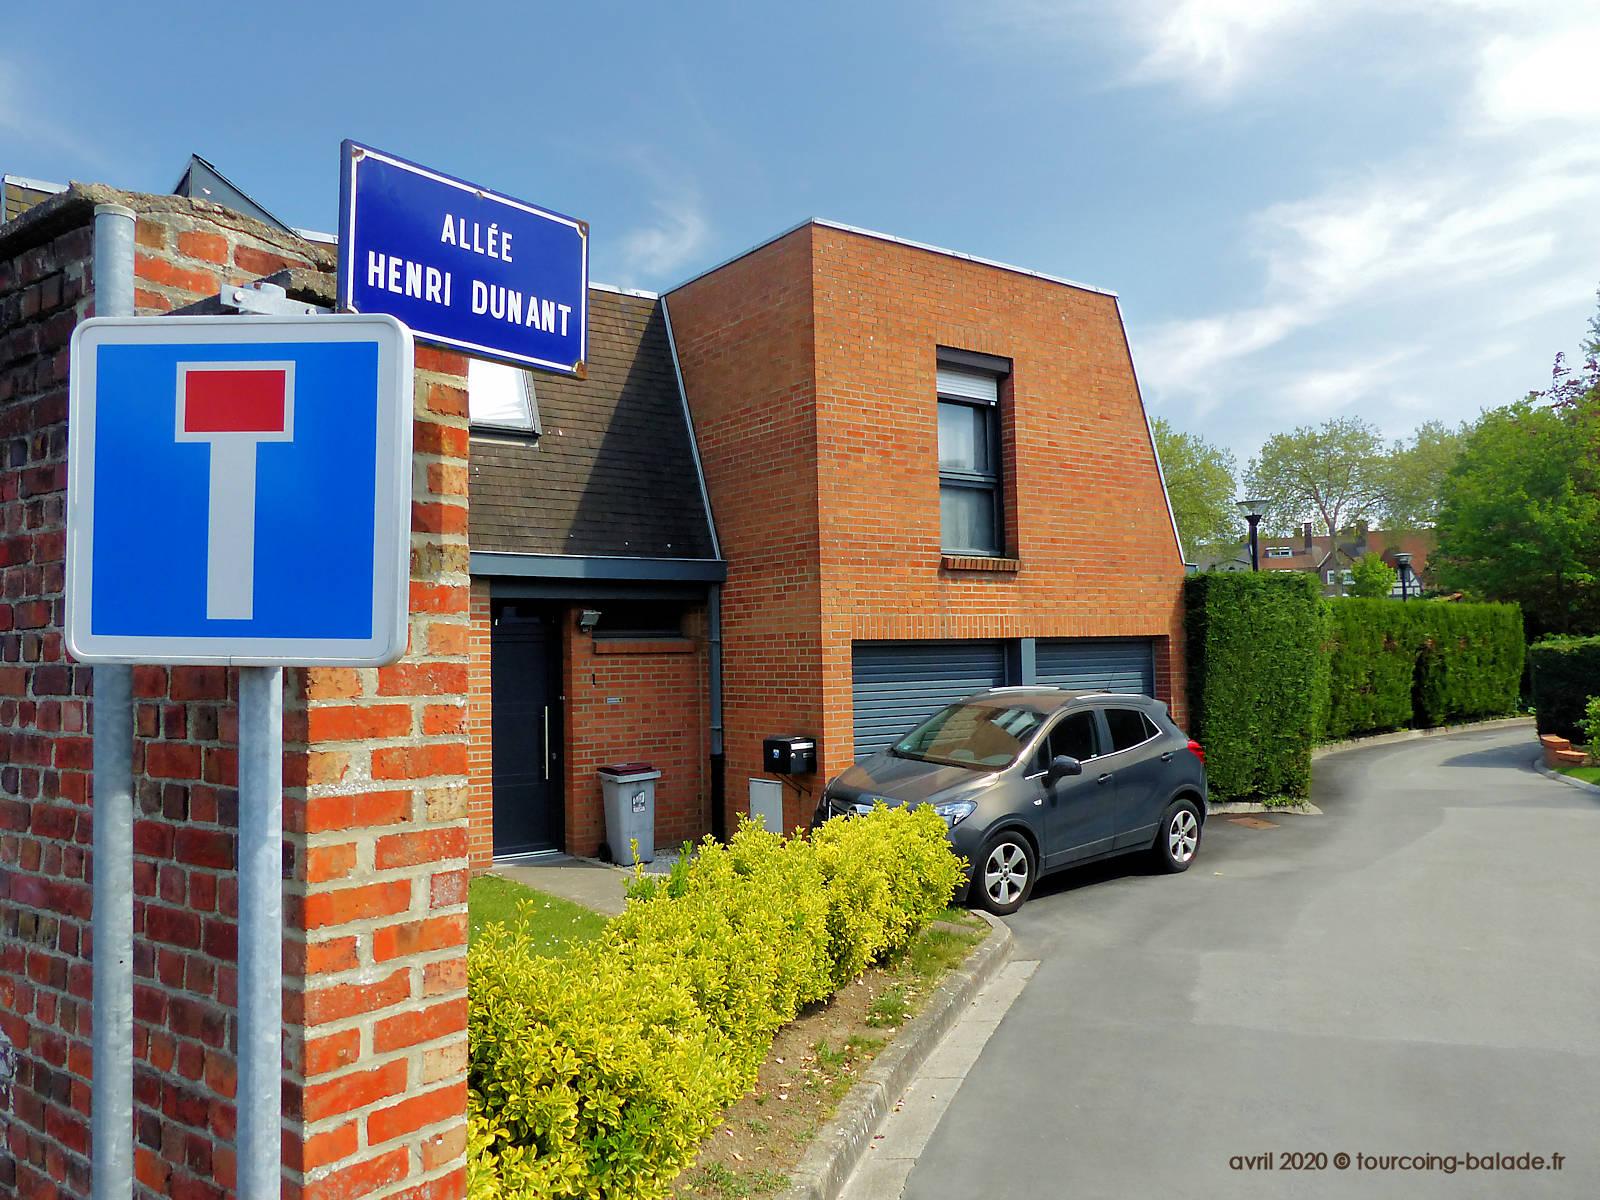 Impasse Dunant, Tourcoing 2020